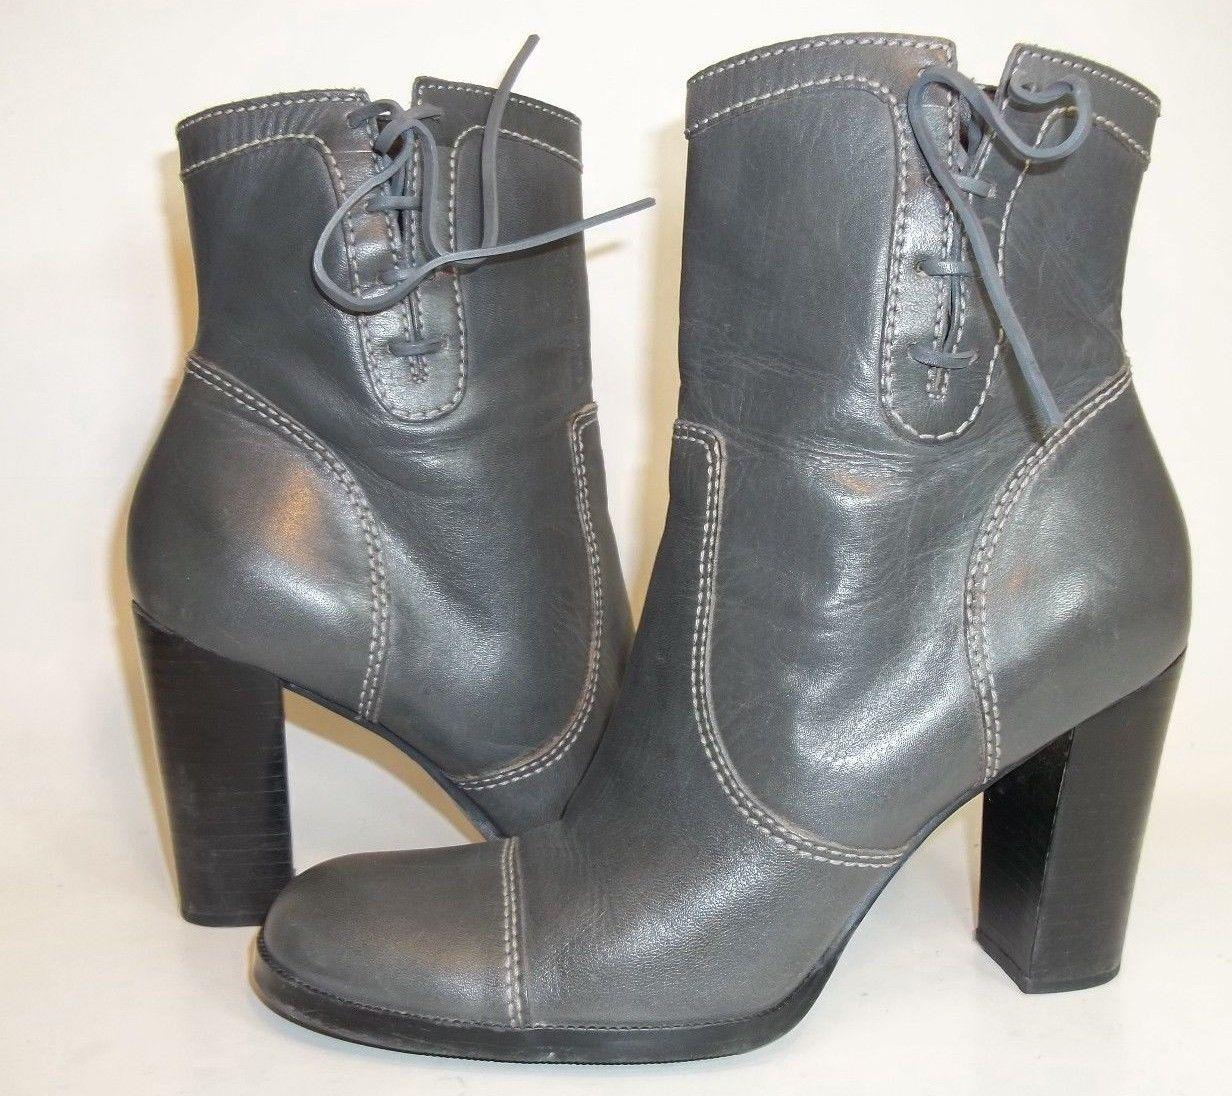 Nine West Bredeo Womens US7M Grey Leather Hi Heels Zip Up Cap Toe Booties VGUC